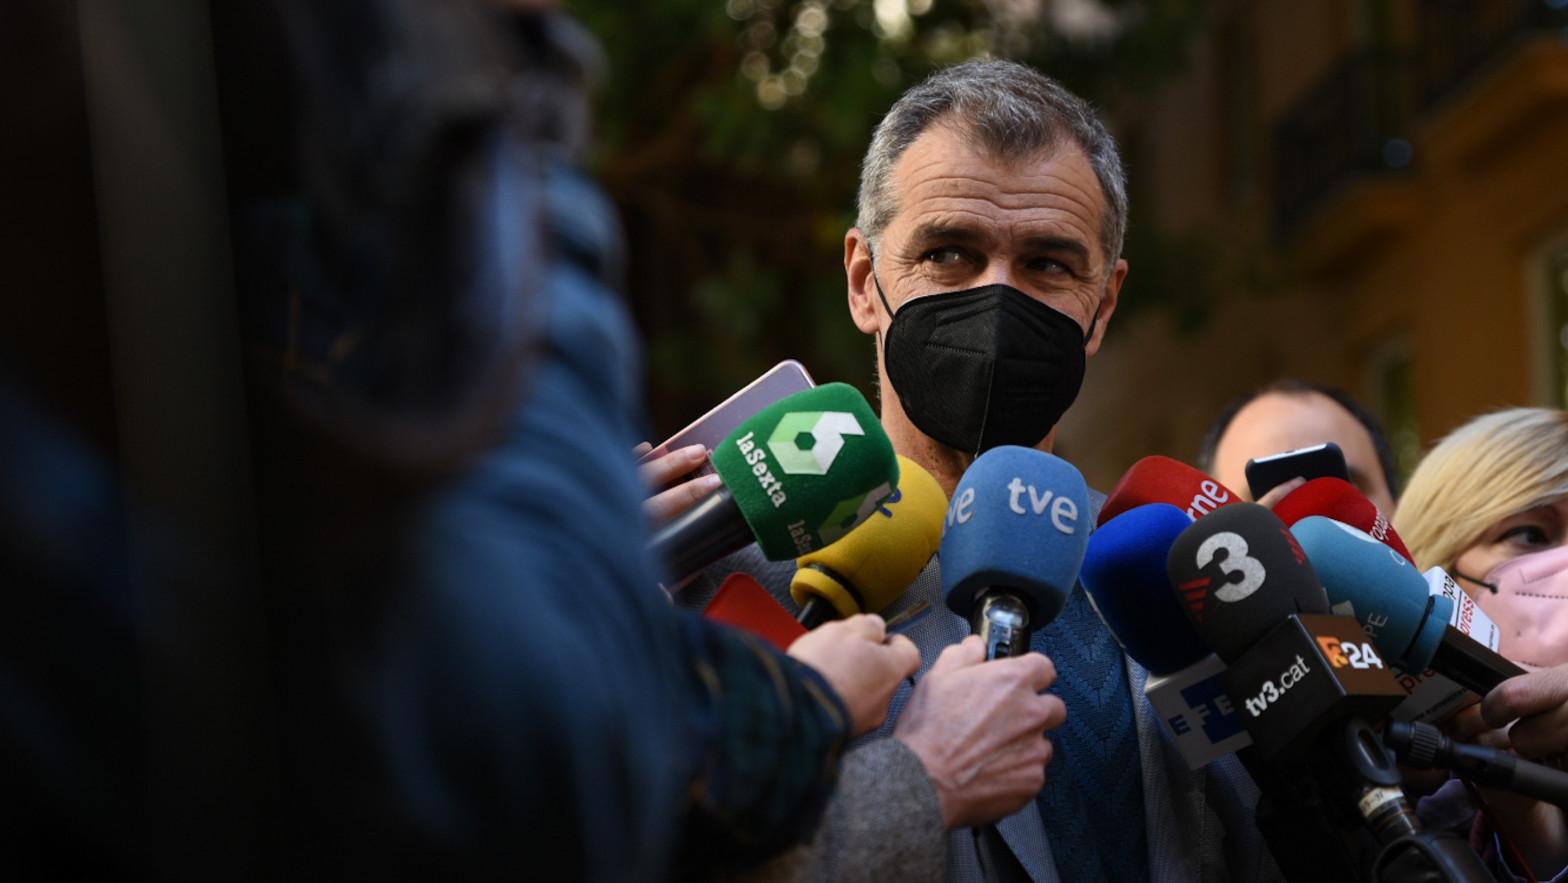 """Toni Cantó se ofrece al próximo líder del PP valenciano para """"ayudar al cambio"""": """"Estaré donde me digan para echar una mano"""""""